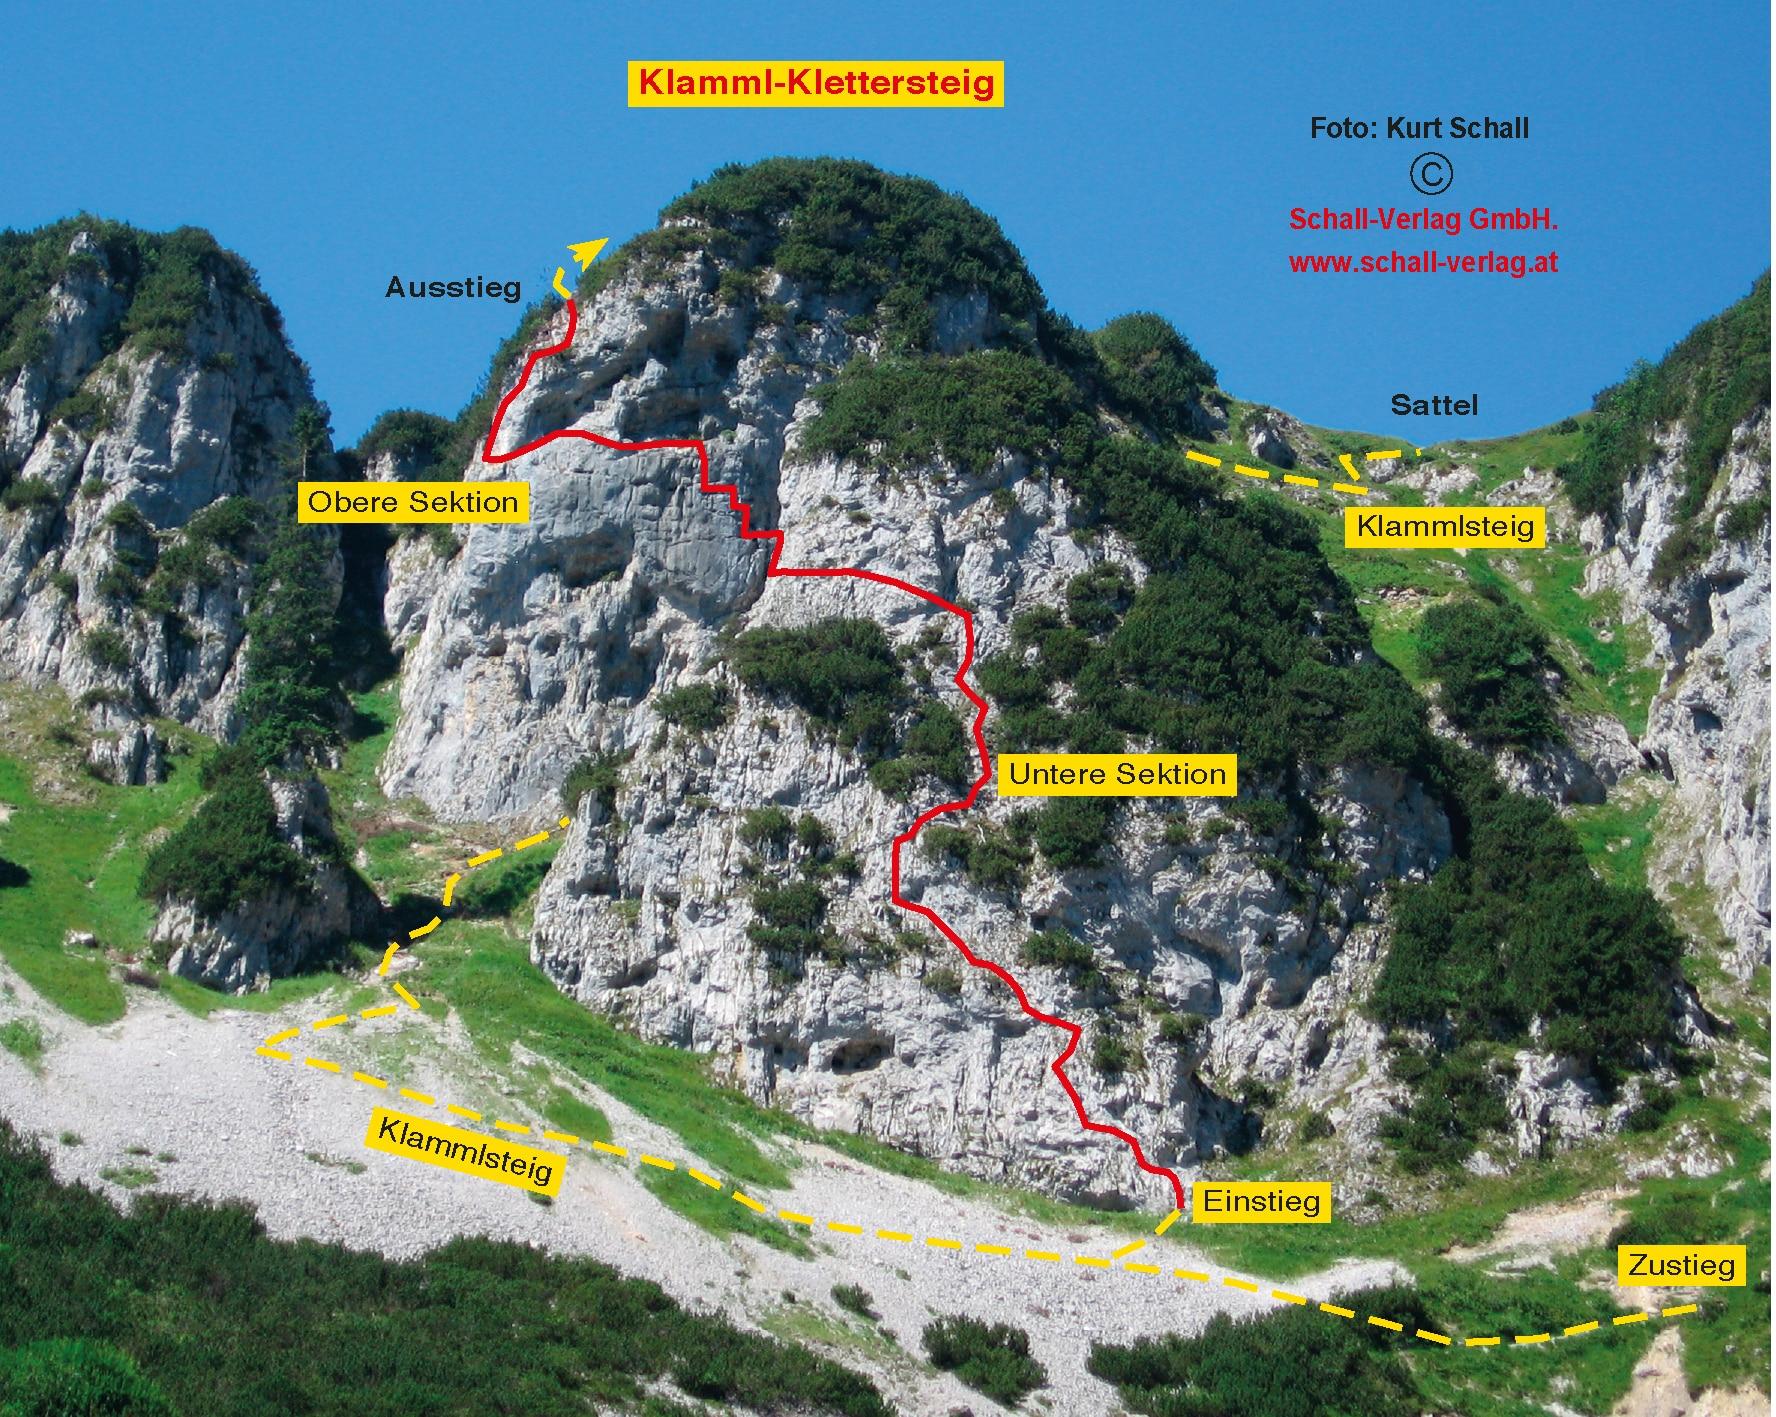 Klettersteig Johann Topo : Klettersteige: klamml klettersteig 2km bergwelten